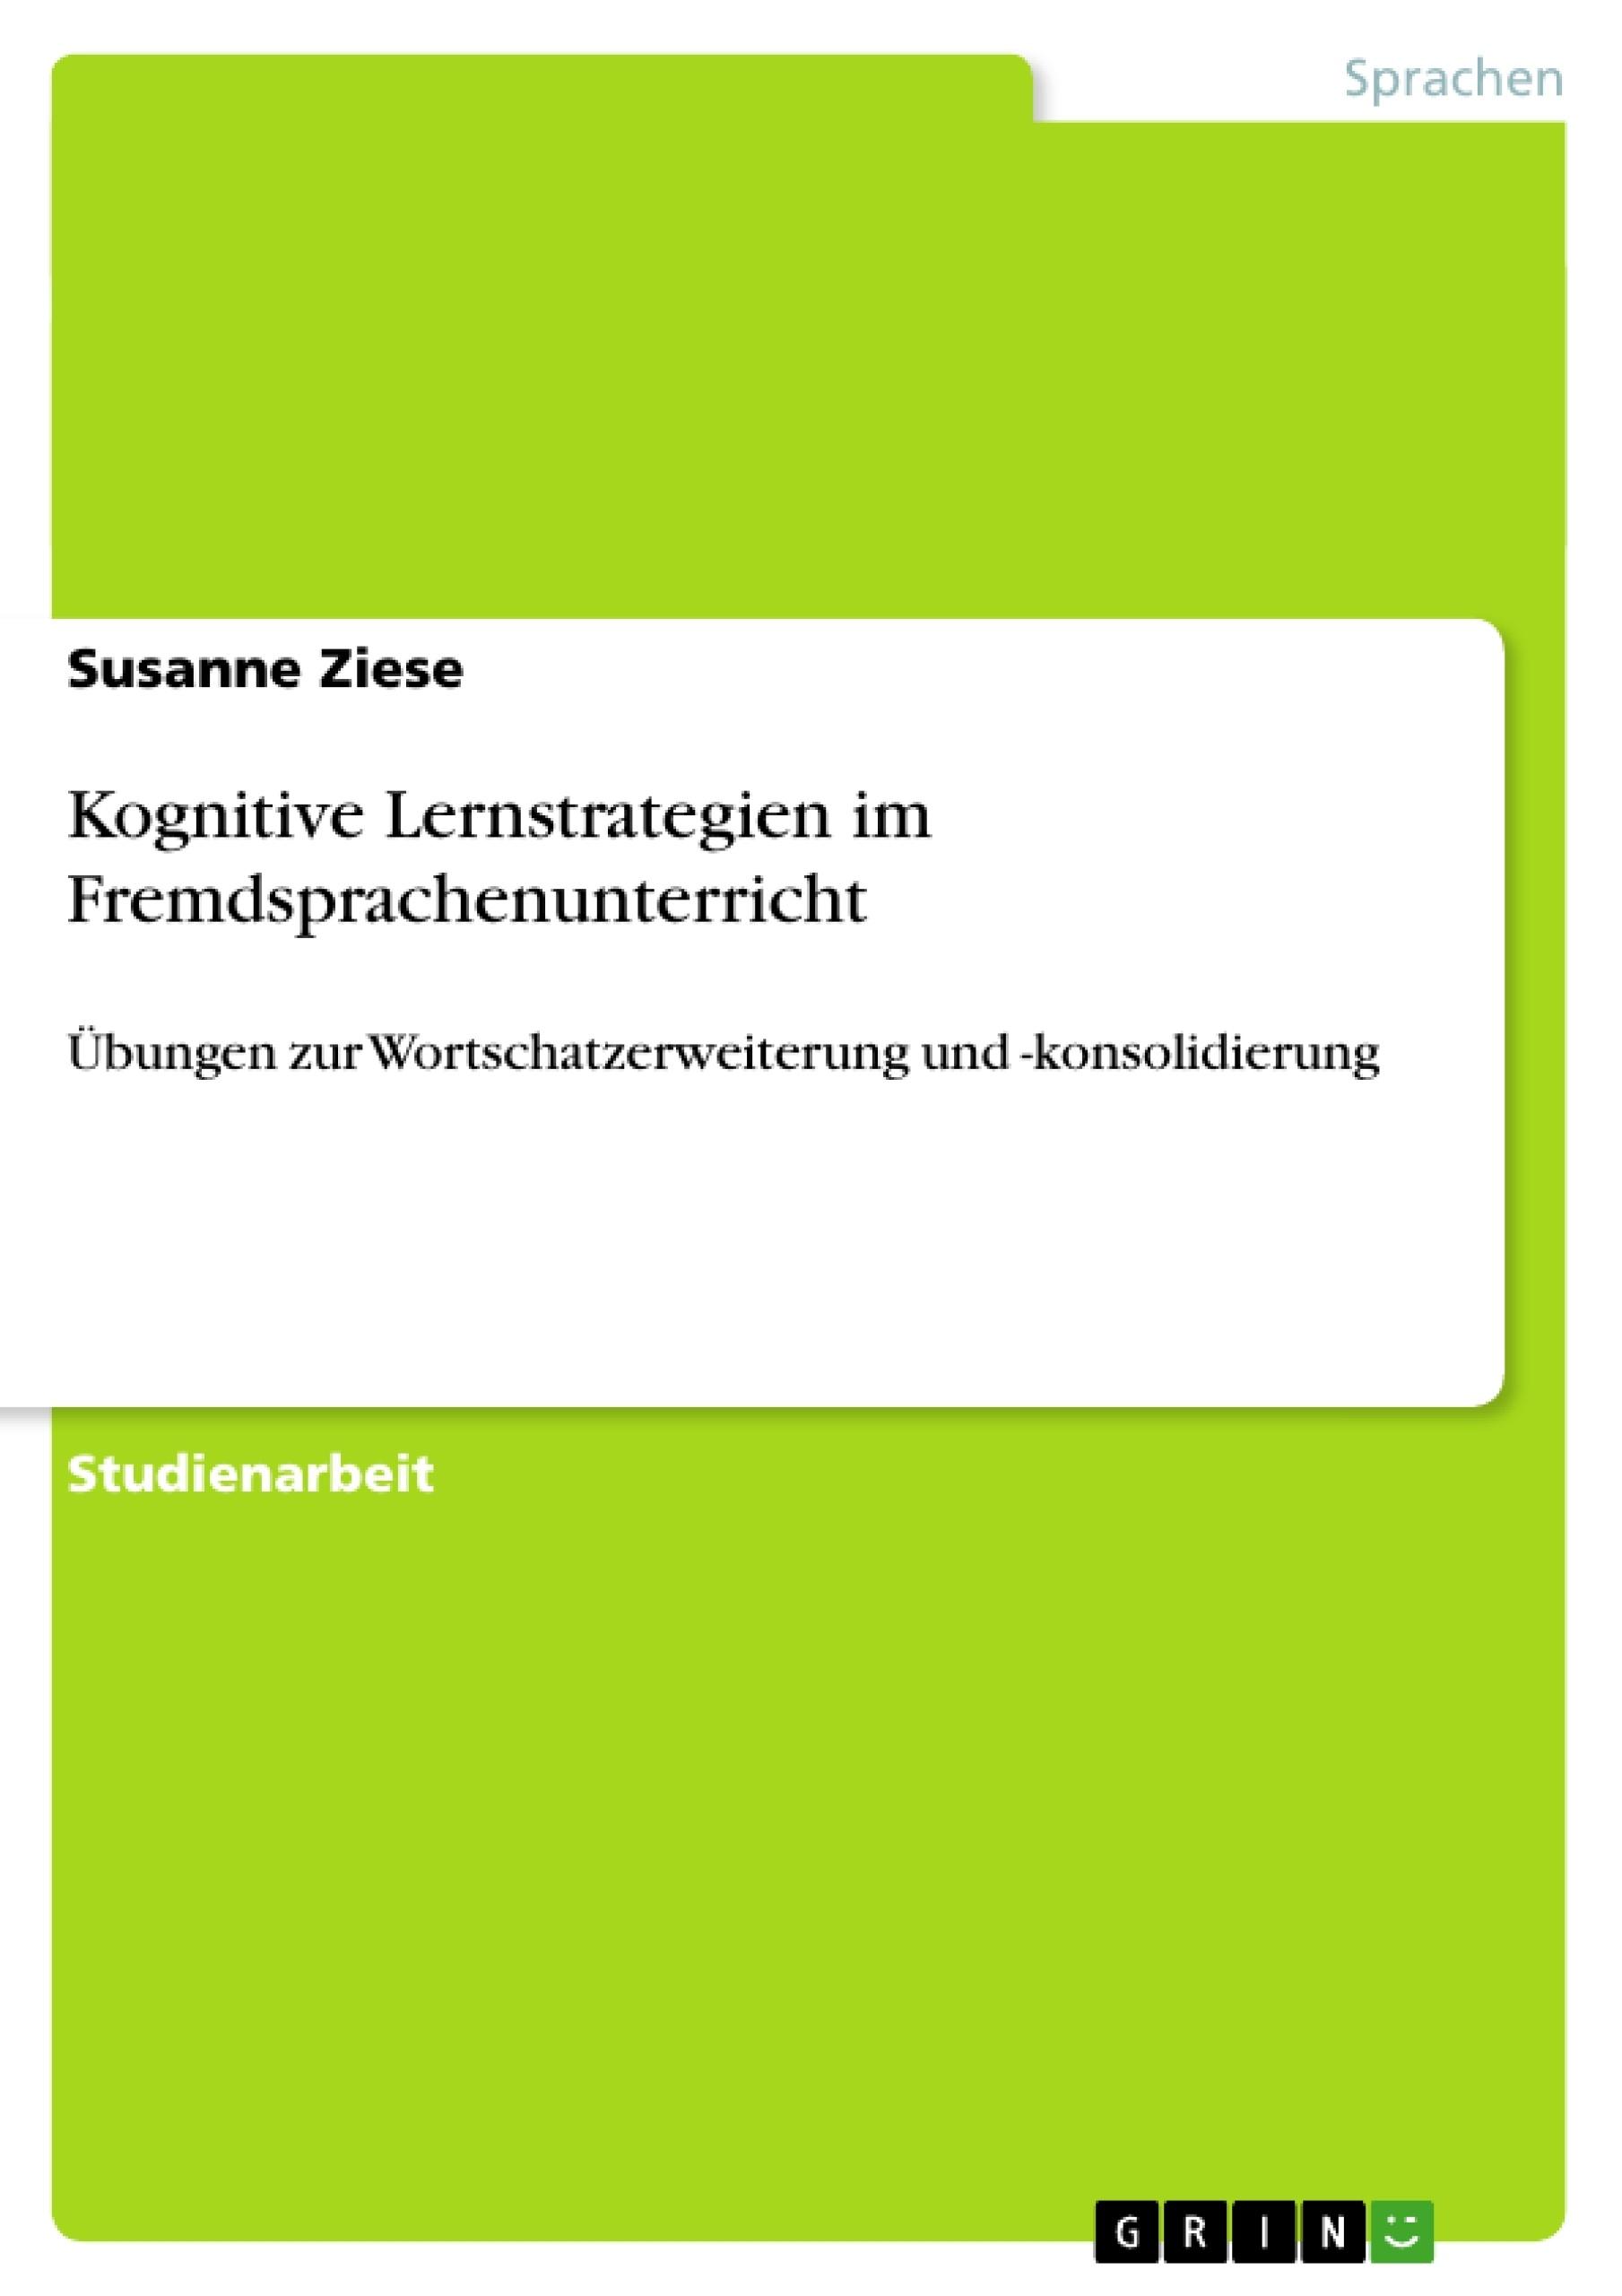 Titel: Kognitive Lernstrategien im Fremdsprachenunterricht